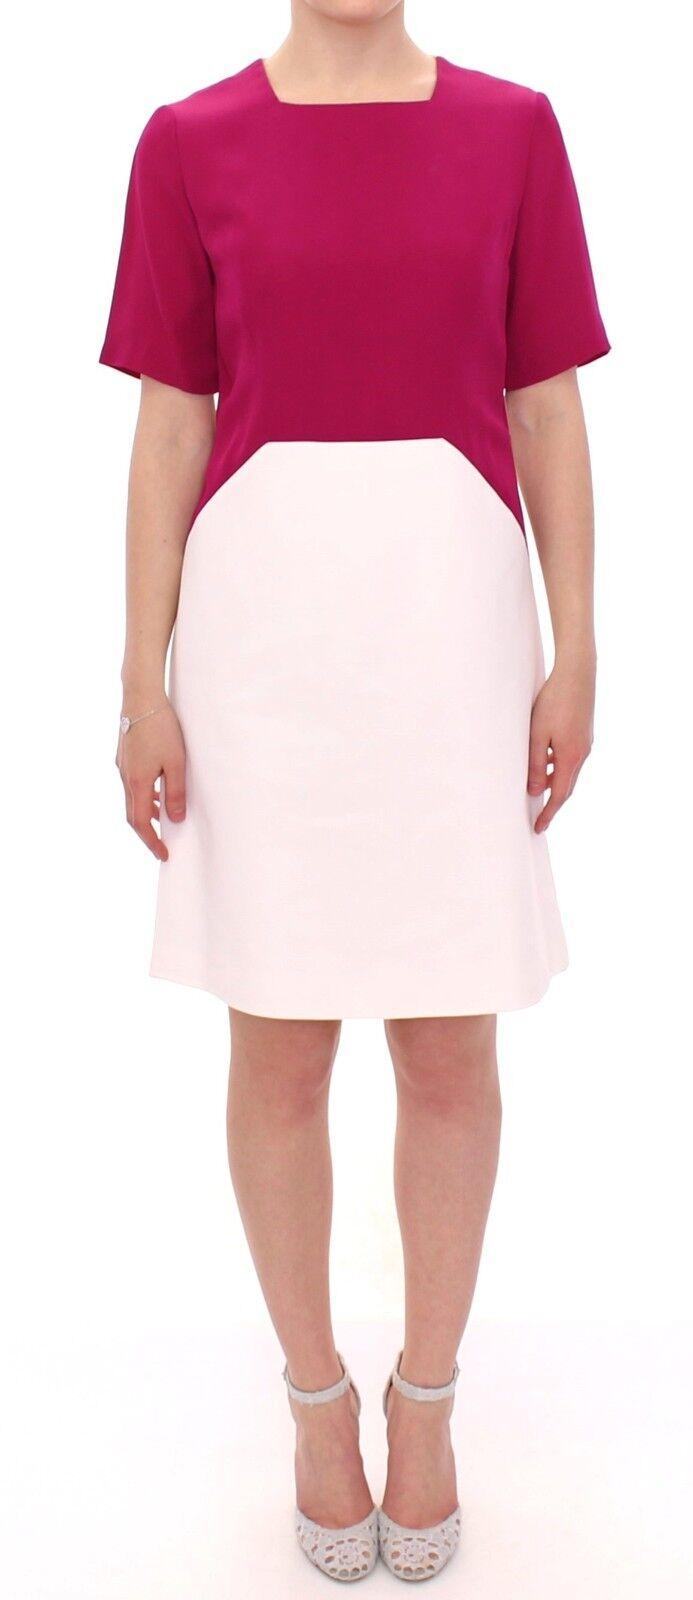 NWT COTE Weiß Rosa Mini Above Knee Sheath Straight Dress IT40   US6   S